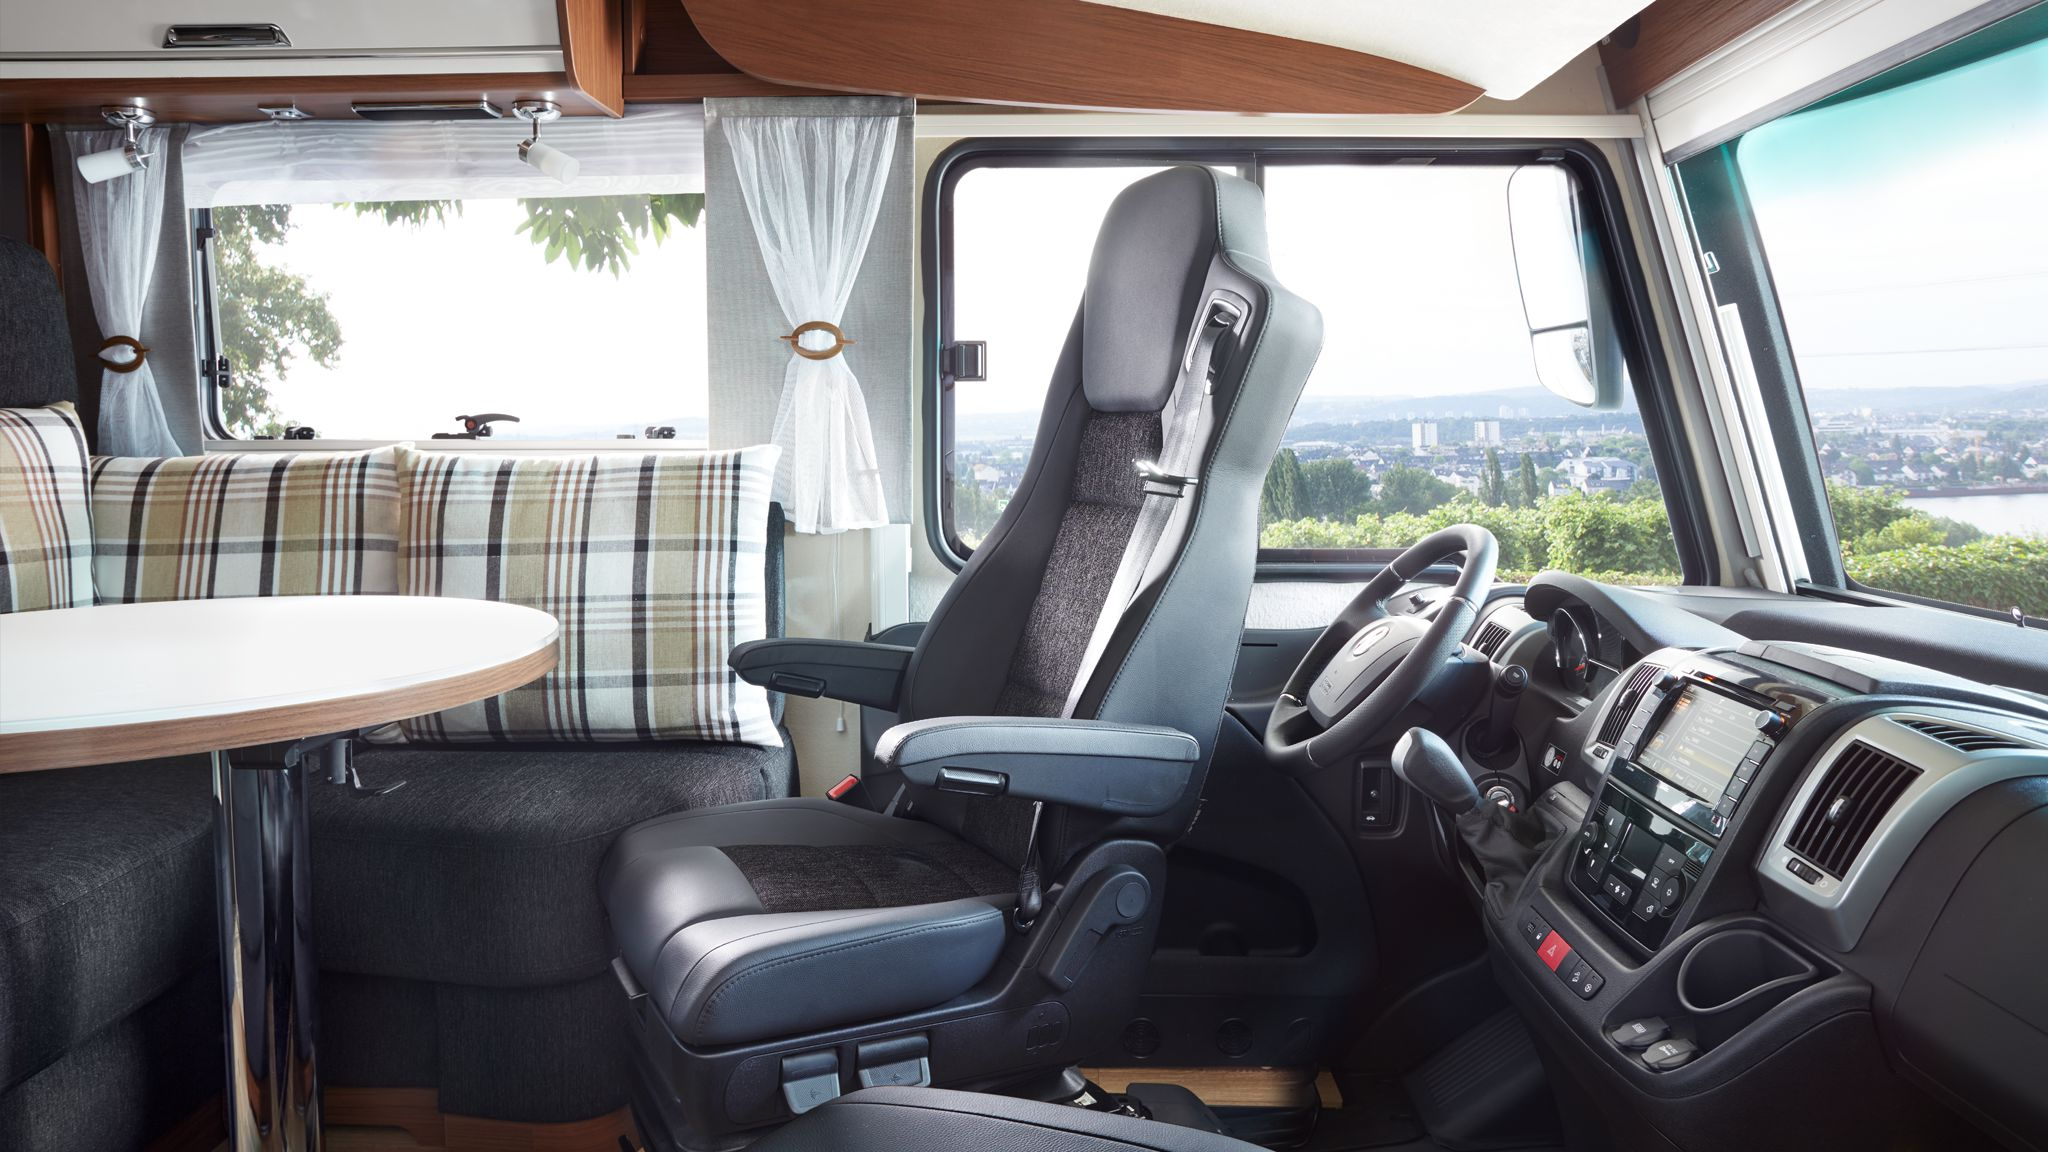 NIESMANN+BISCHOFF - Arto - Sitz nach hinten gedreht